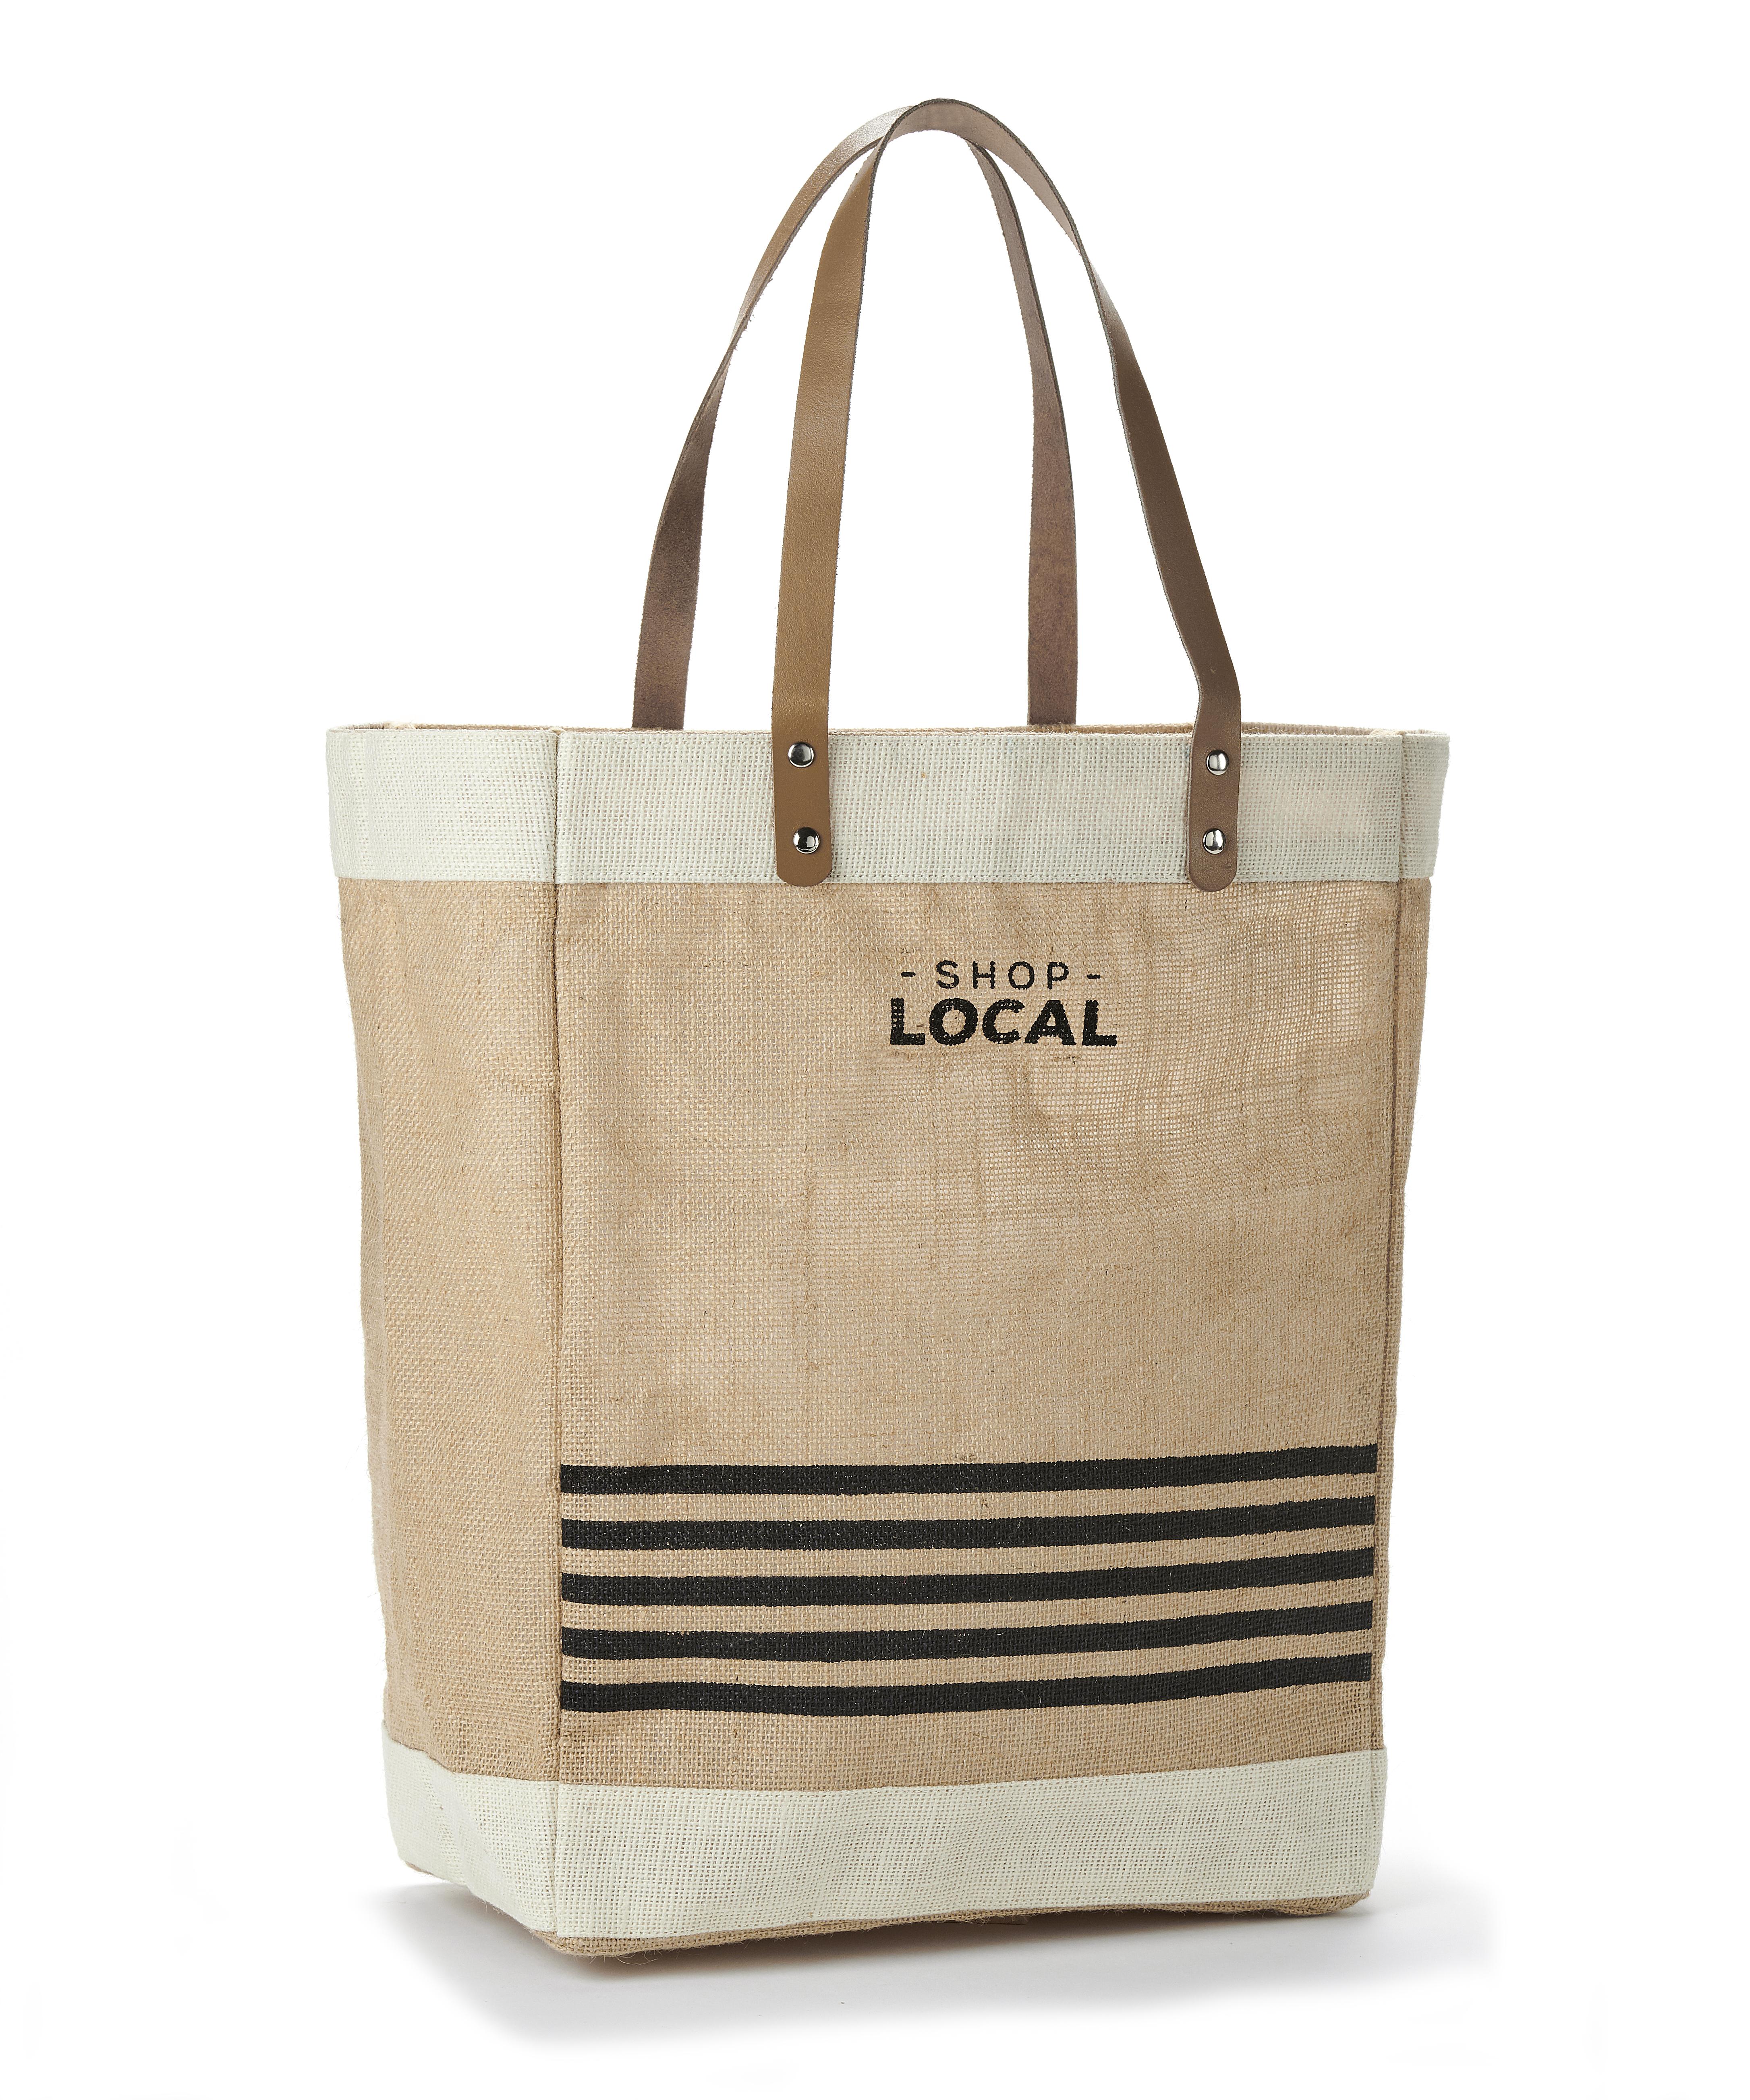 Jute Shop Local Tote Bag